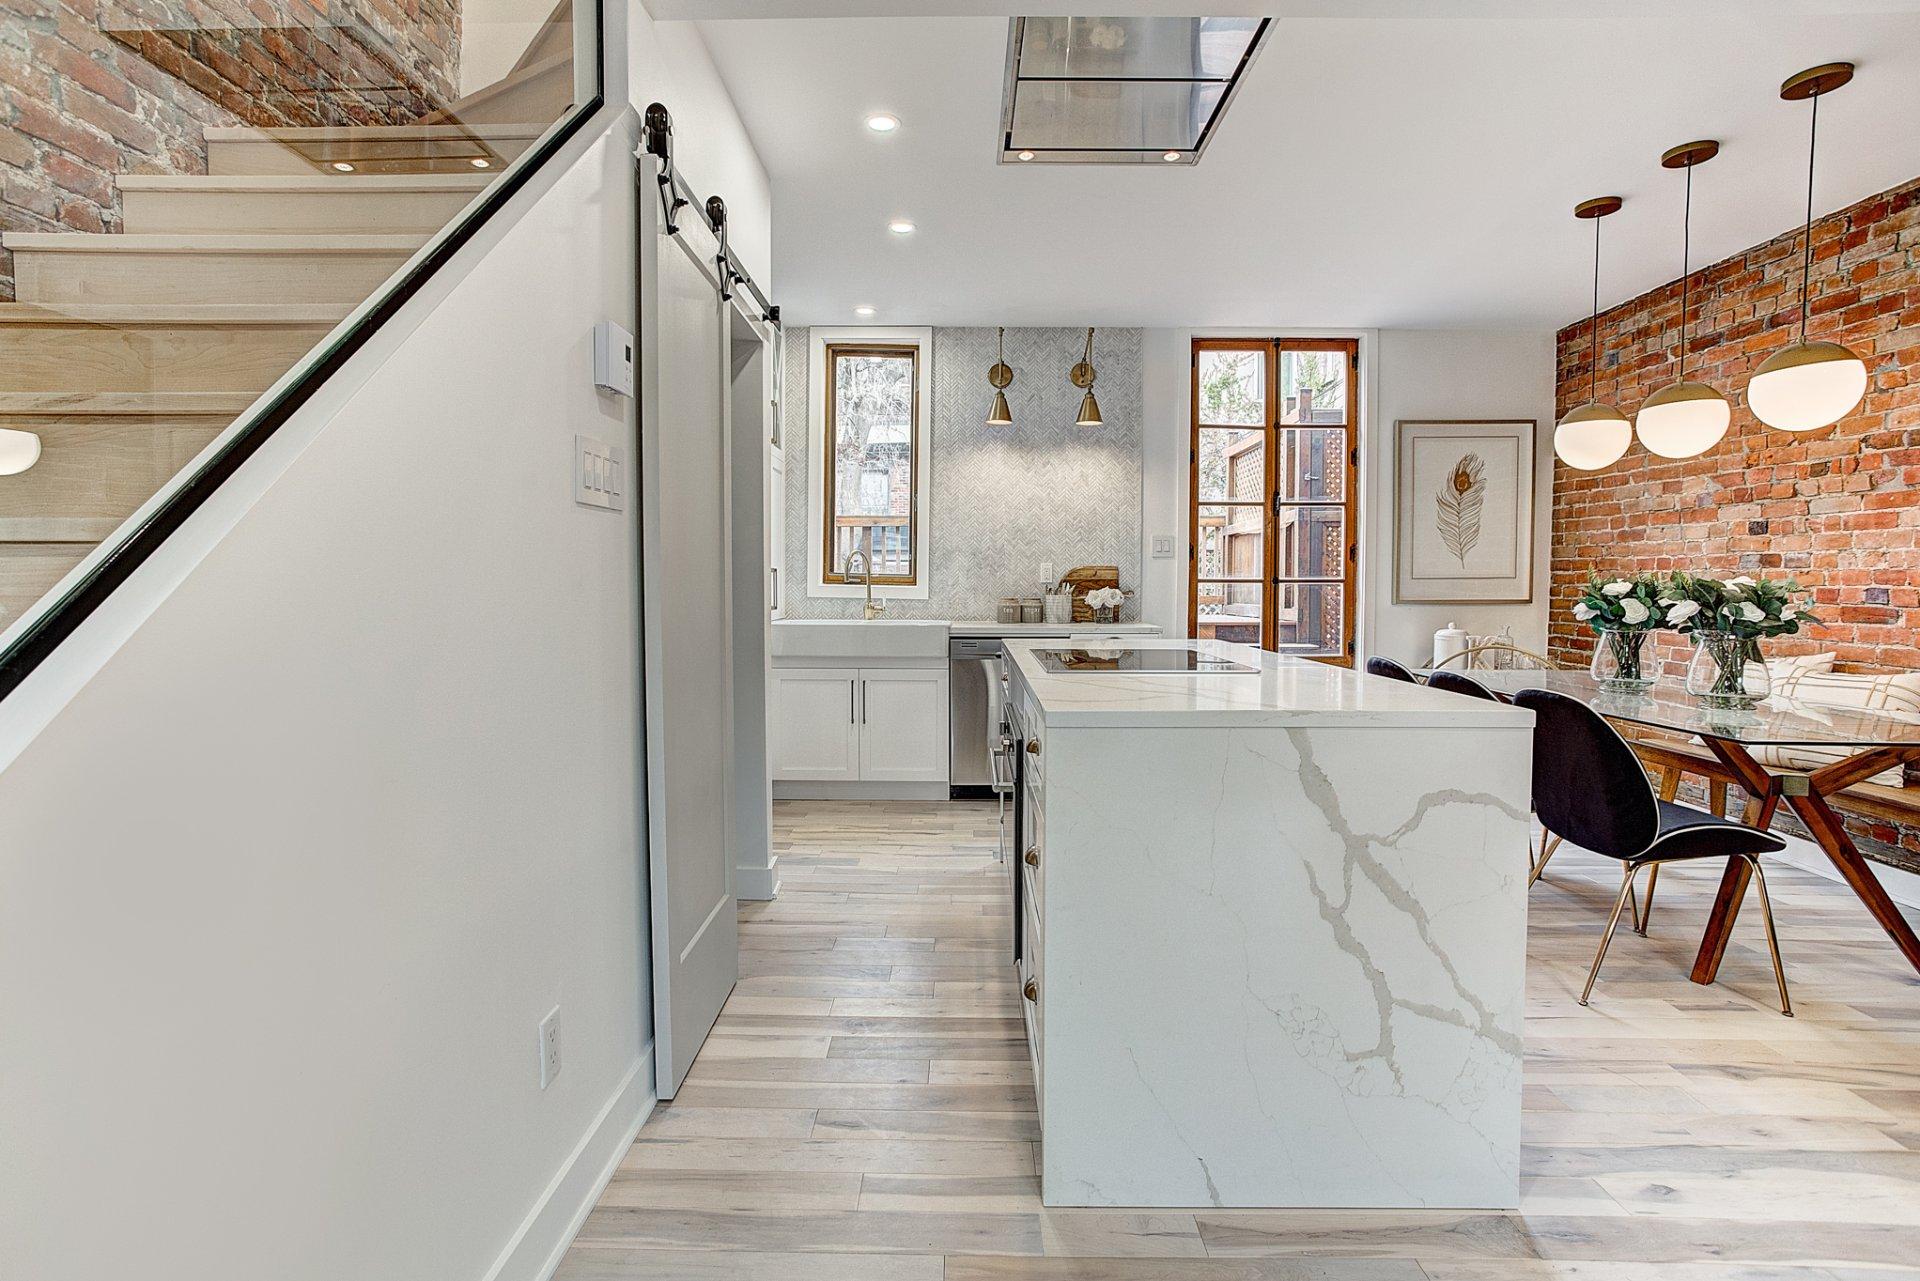 Cette maison à 1 050 000$ prouve qu'il ne faut jamais se fier aux apparences!